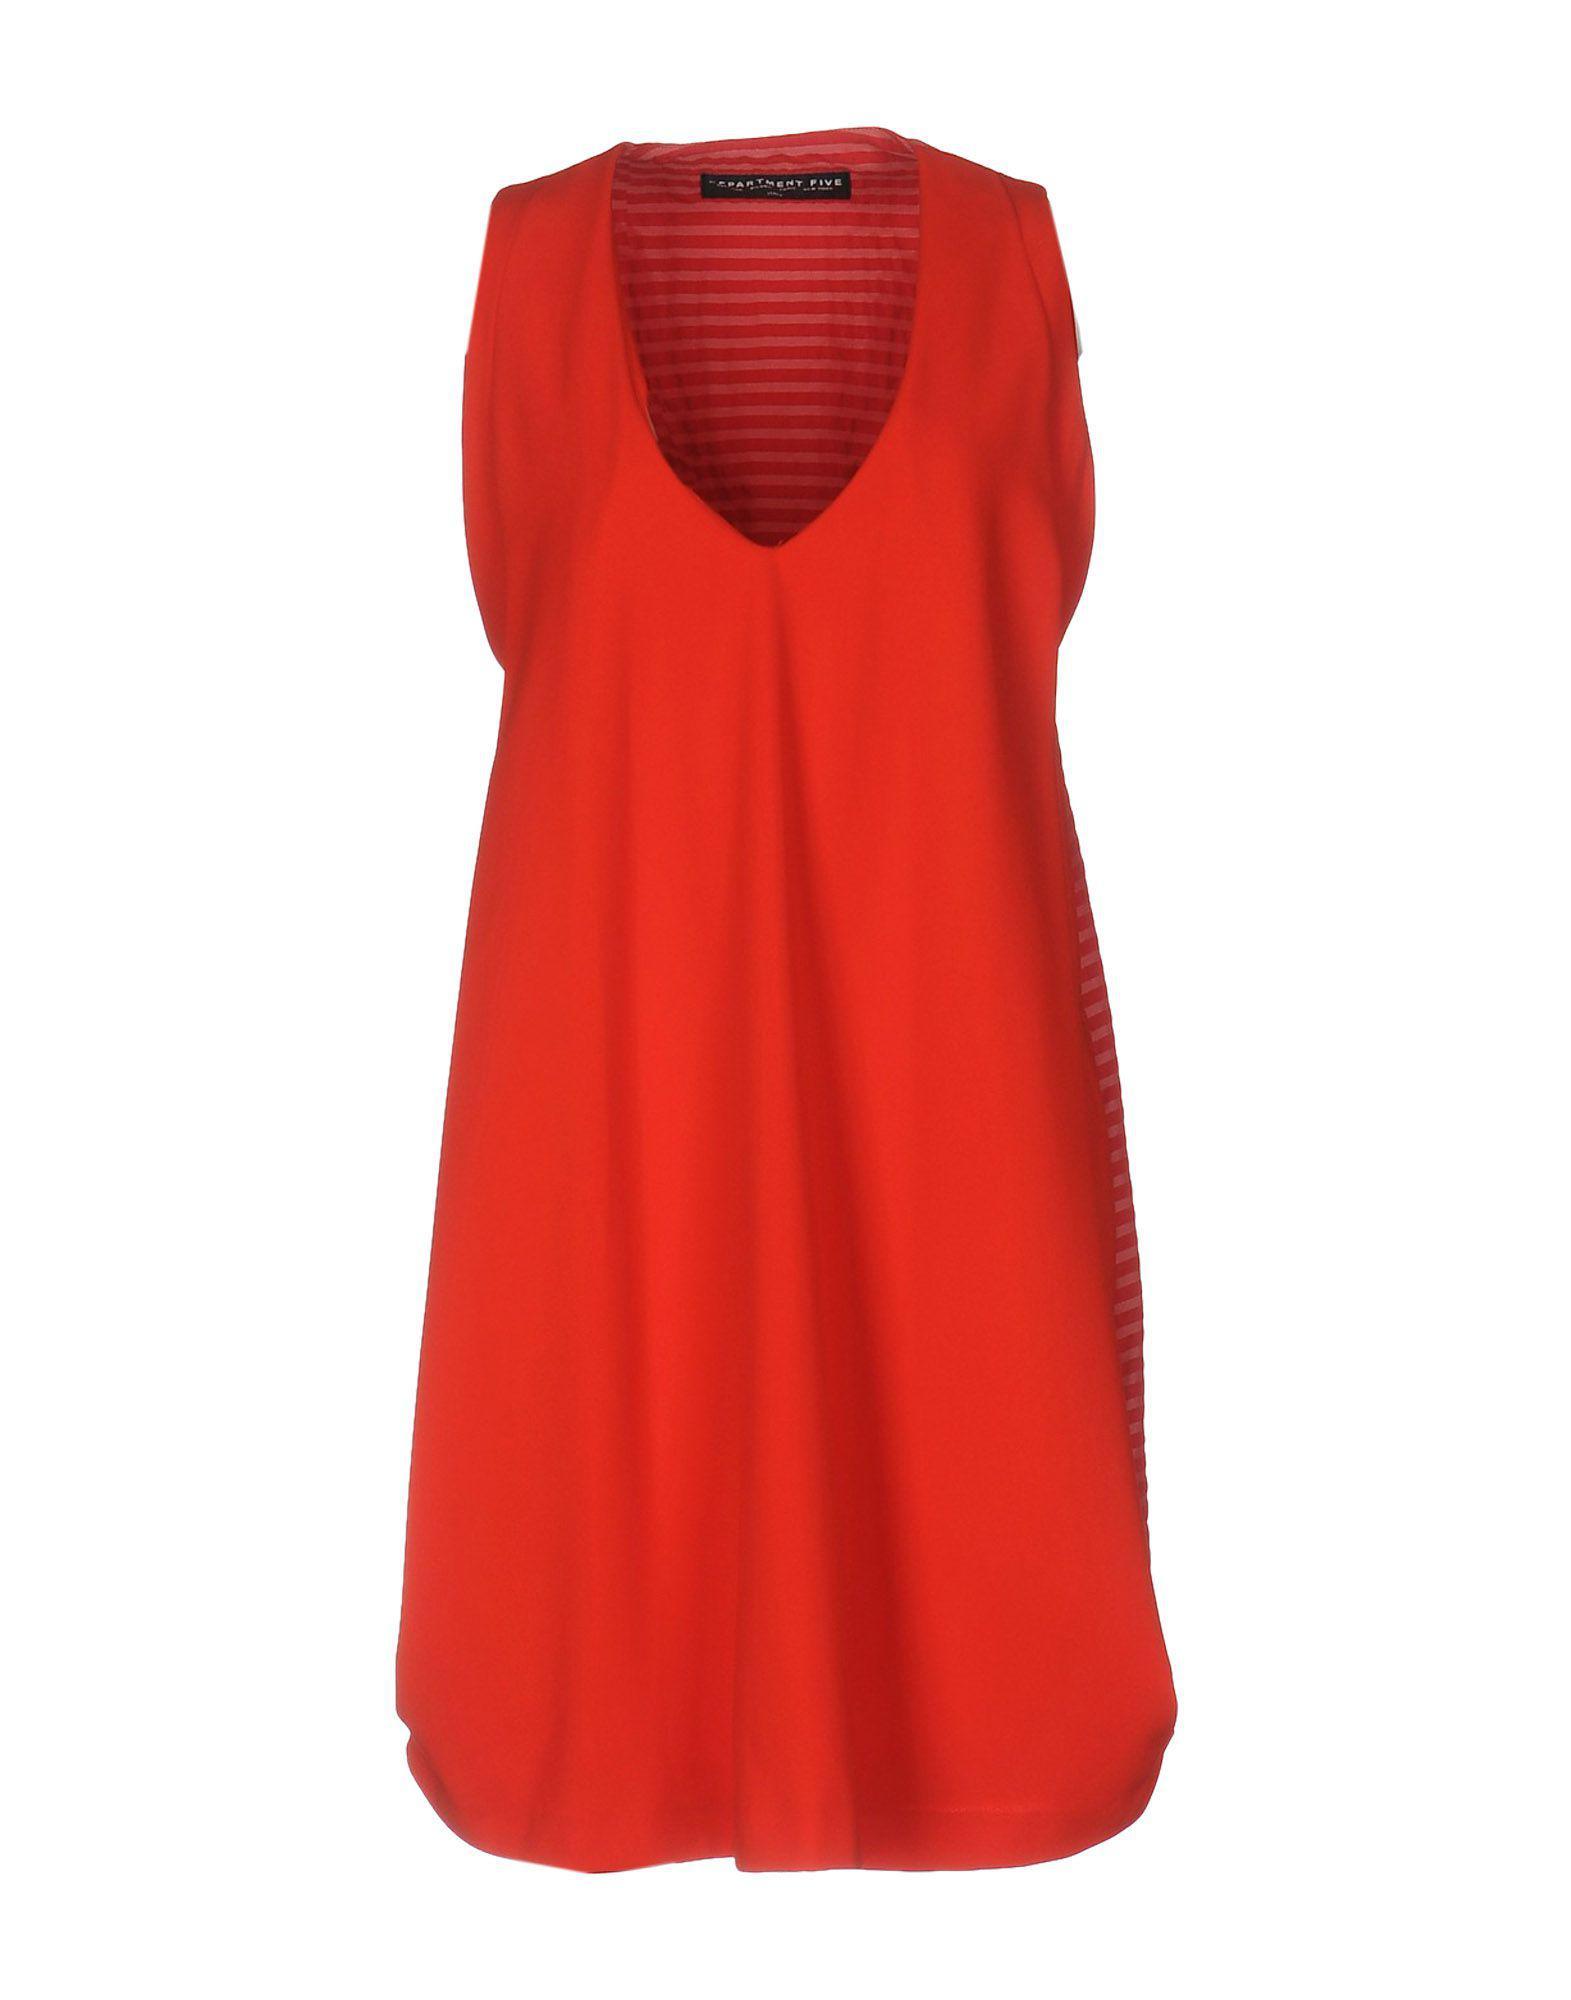 DRESSES - Short dresses Department 5 CsBVhlam